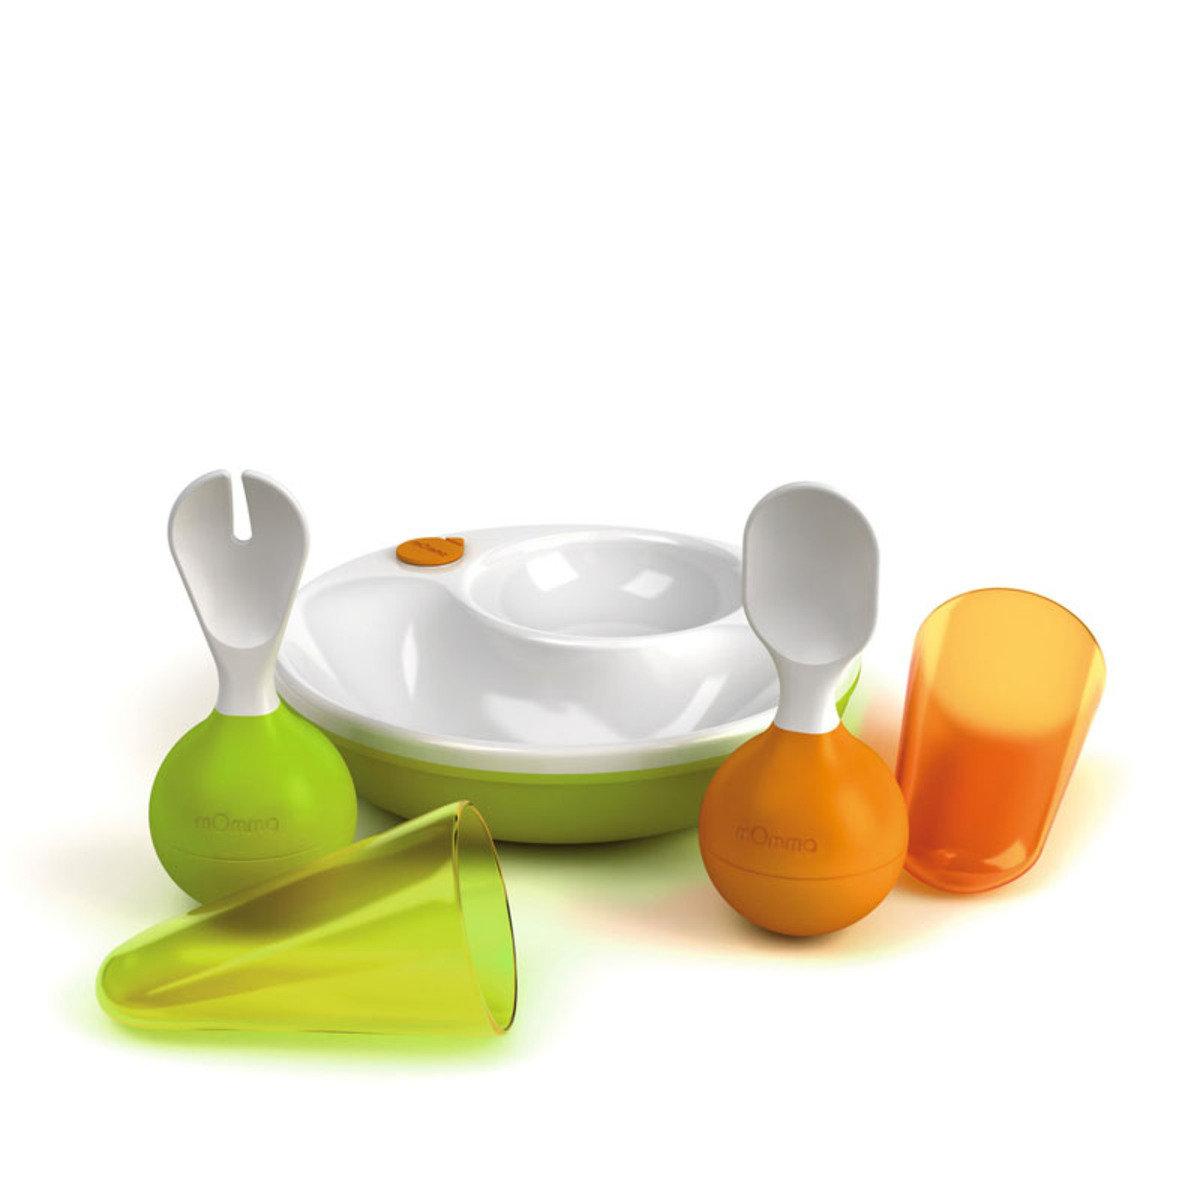 注水餵食兩格保溫碟連Rocking幼兒匙叉套裝 - 綠色